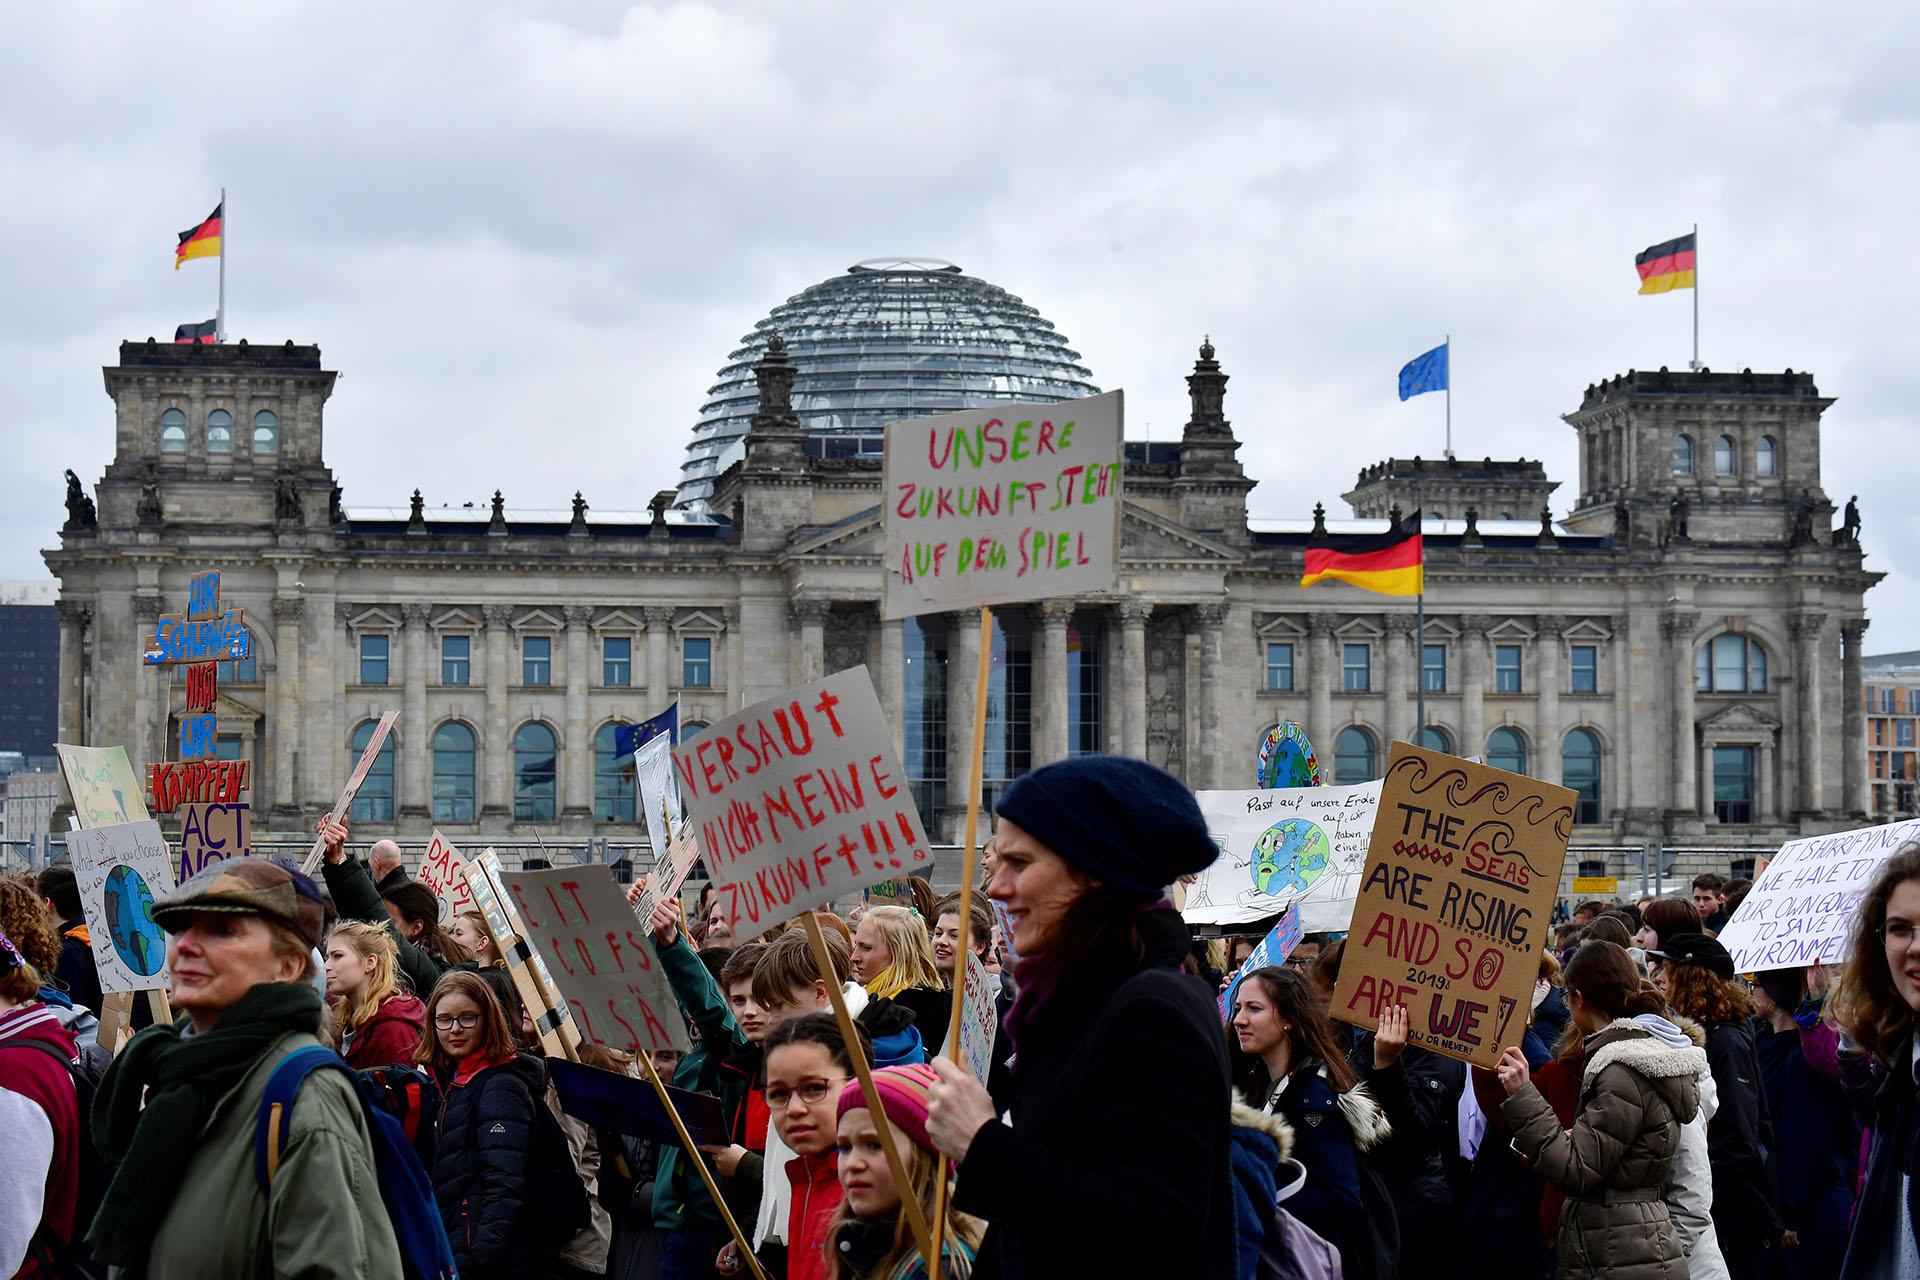 """Los jóvenes pasan por el edificio del Reichstag que alberga al parlamento alemán (Bundestag) durante el movimiento """"Viernes para el Futuro"""" en un día mundial de protestas estudiantiles con el objetivo de incitar a los líderes mundiales a actuar sobre el cambio climático el 15 de marzo de 2019 en Berlín. - Las protestas en todo el mundo fueron inspiradas por la activista sueca Greta Thunberg, quien acampó frente al parlamento en Estocolmo el año pasado para exigir la acción de los líderes mundiales sobre el calentamiento global. (Foto por Tobias SCHWARZ / AFP)"""